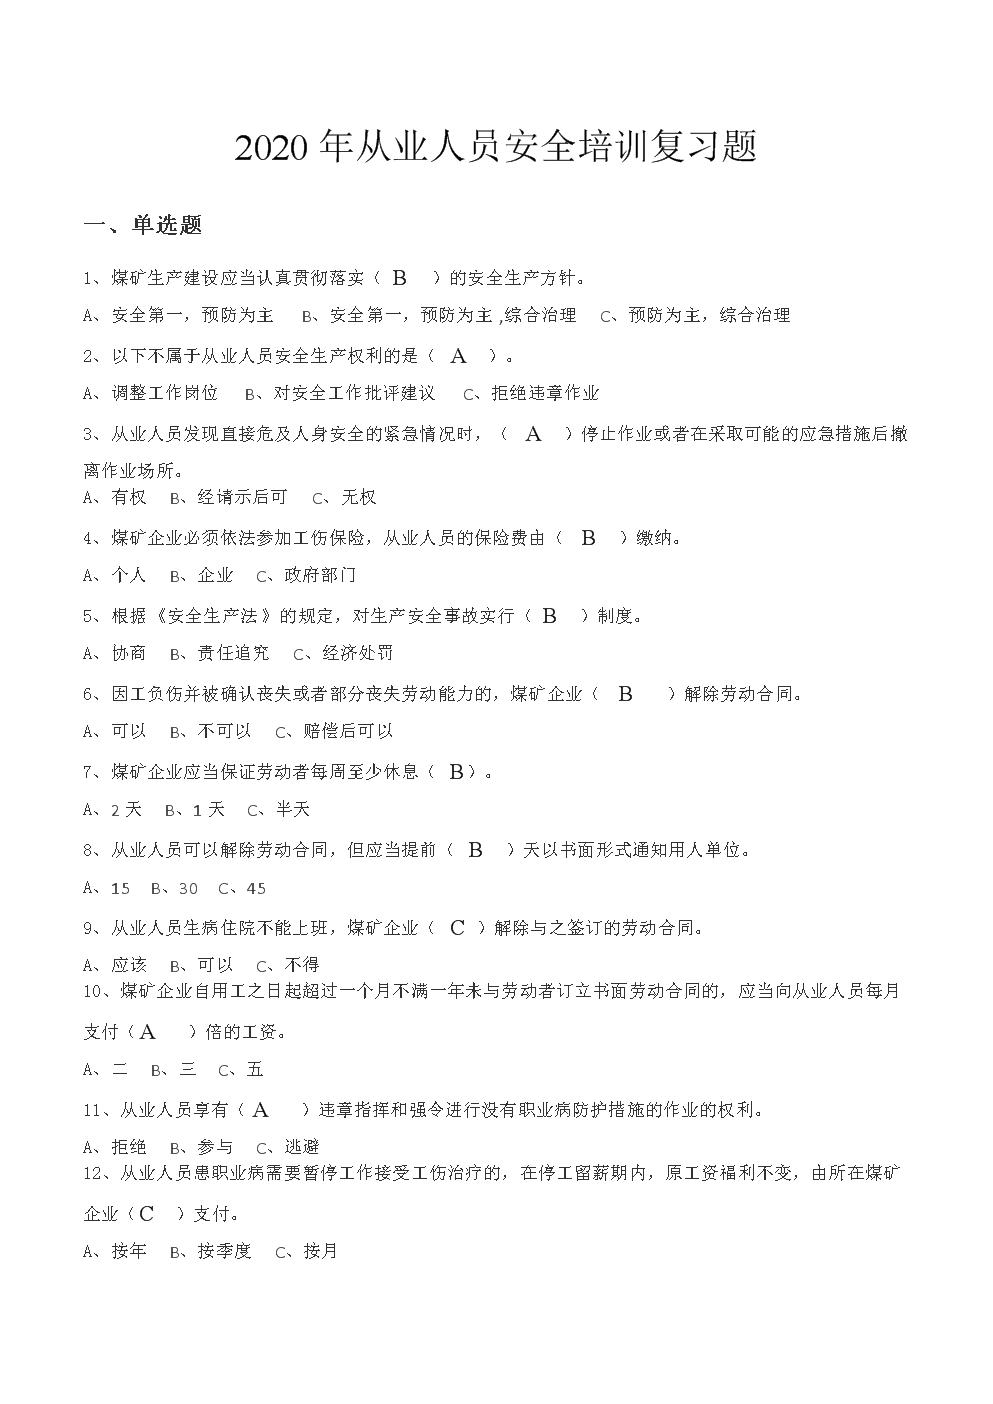 2020年煤矿培训考试试题.doc